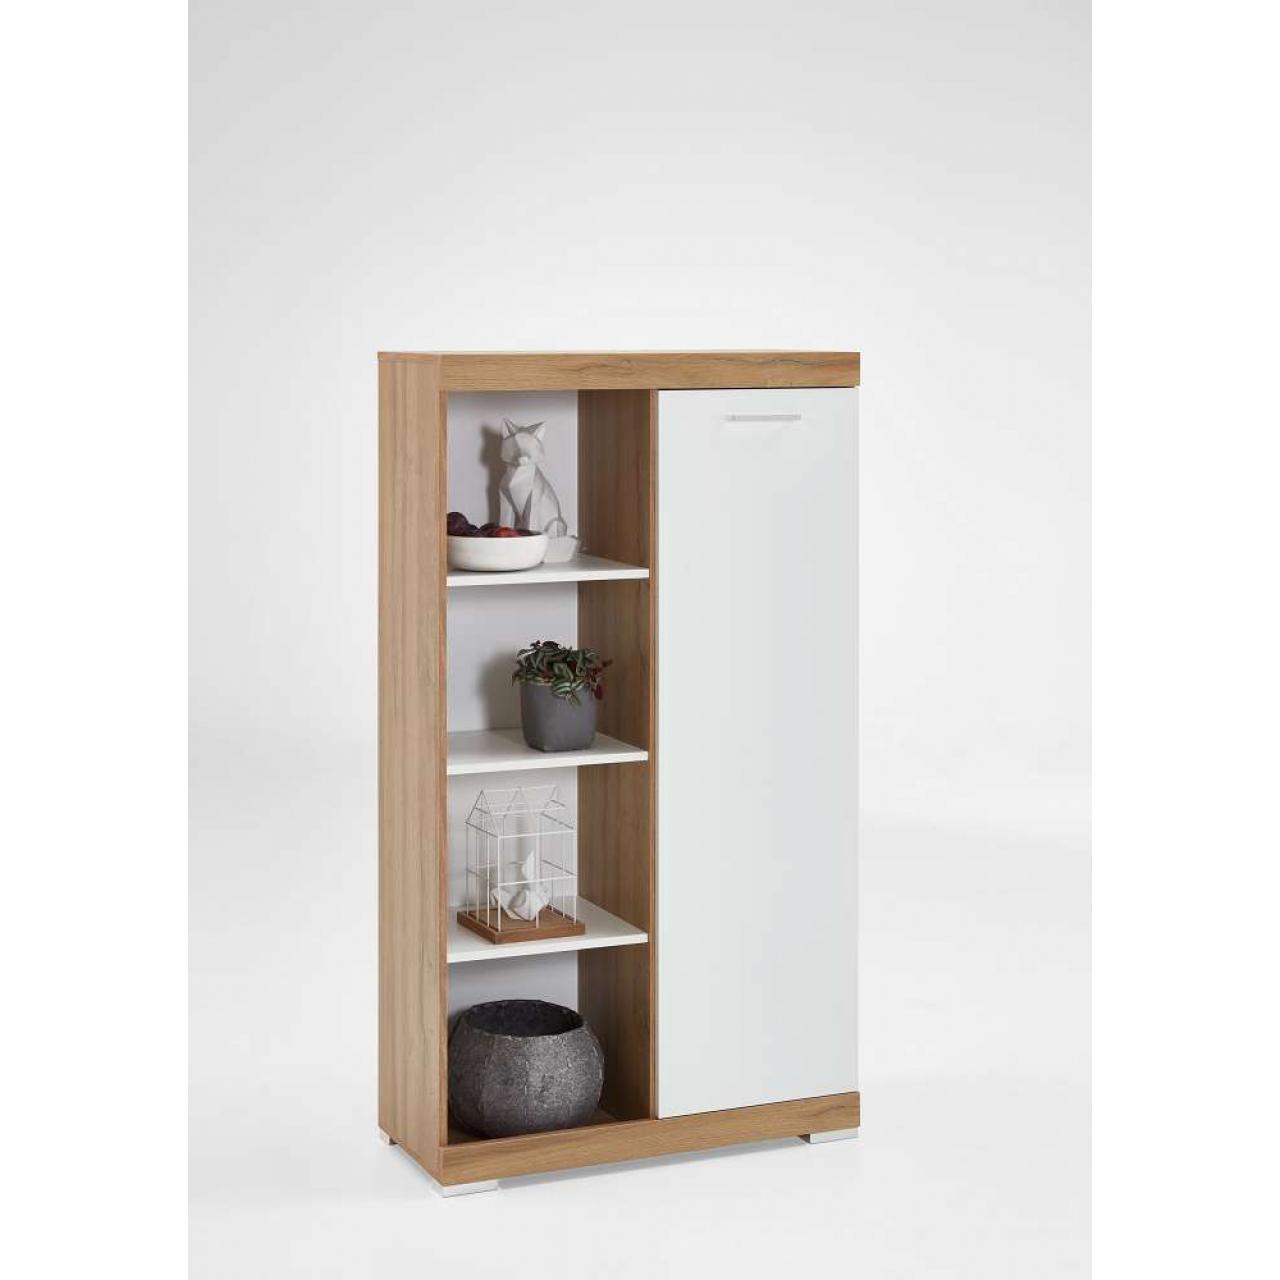 kommode bristol 9 alteiche weiss kommoden wohnzimmerm bel wohnen m bel j hnichen. Black Bedroom Furniture Sets. Home Design Ideas